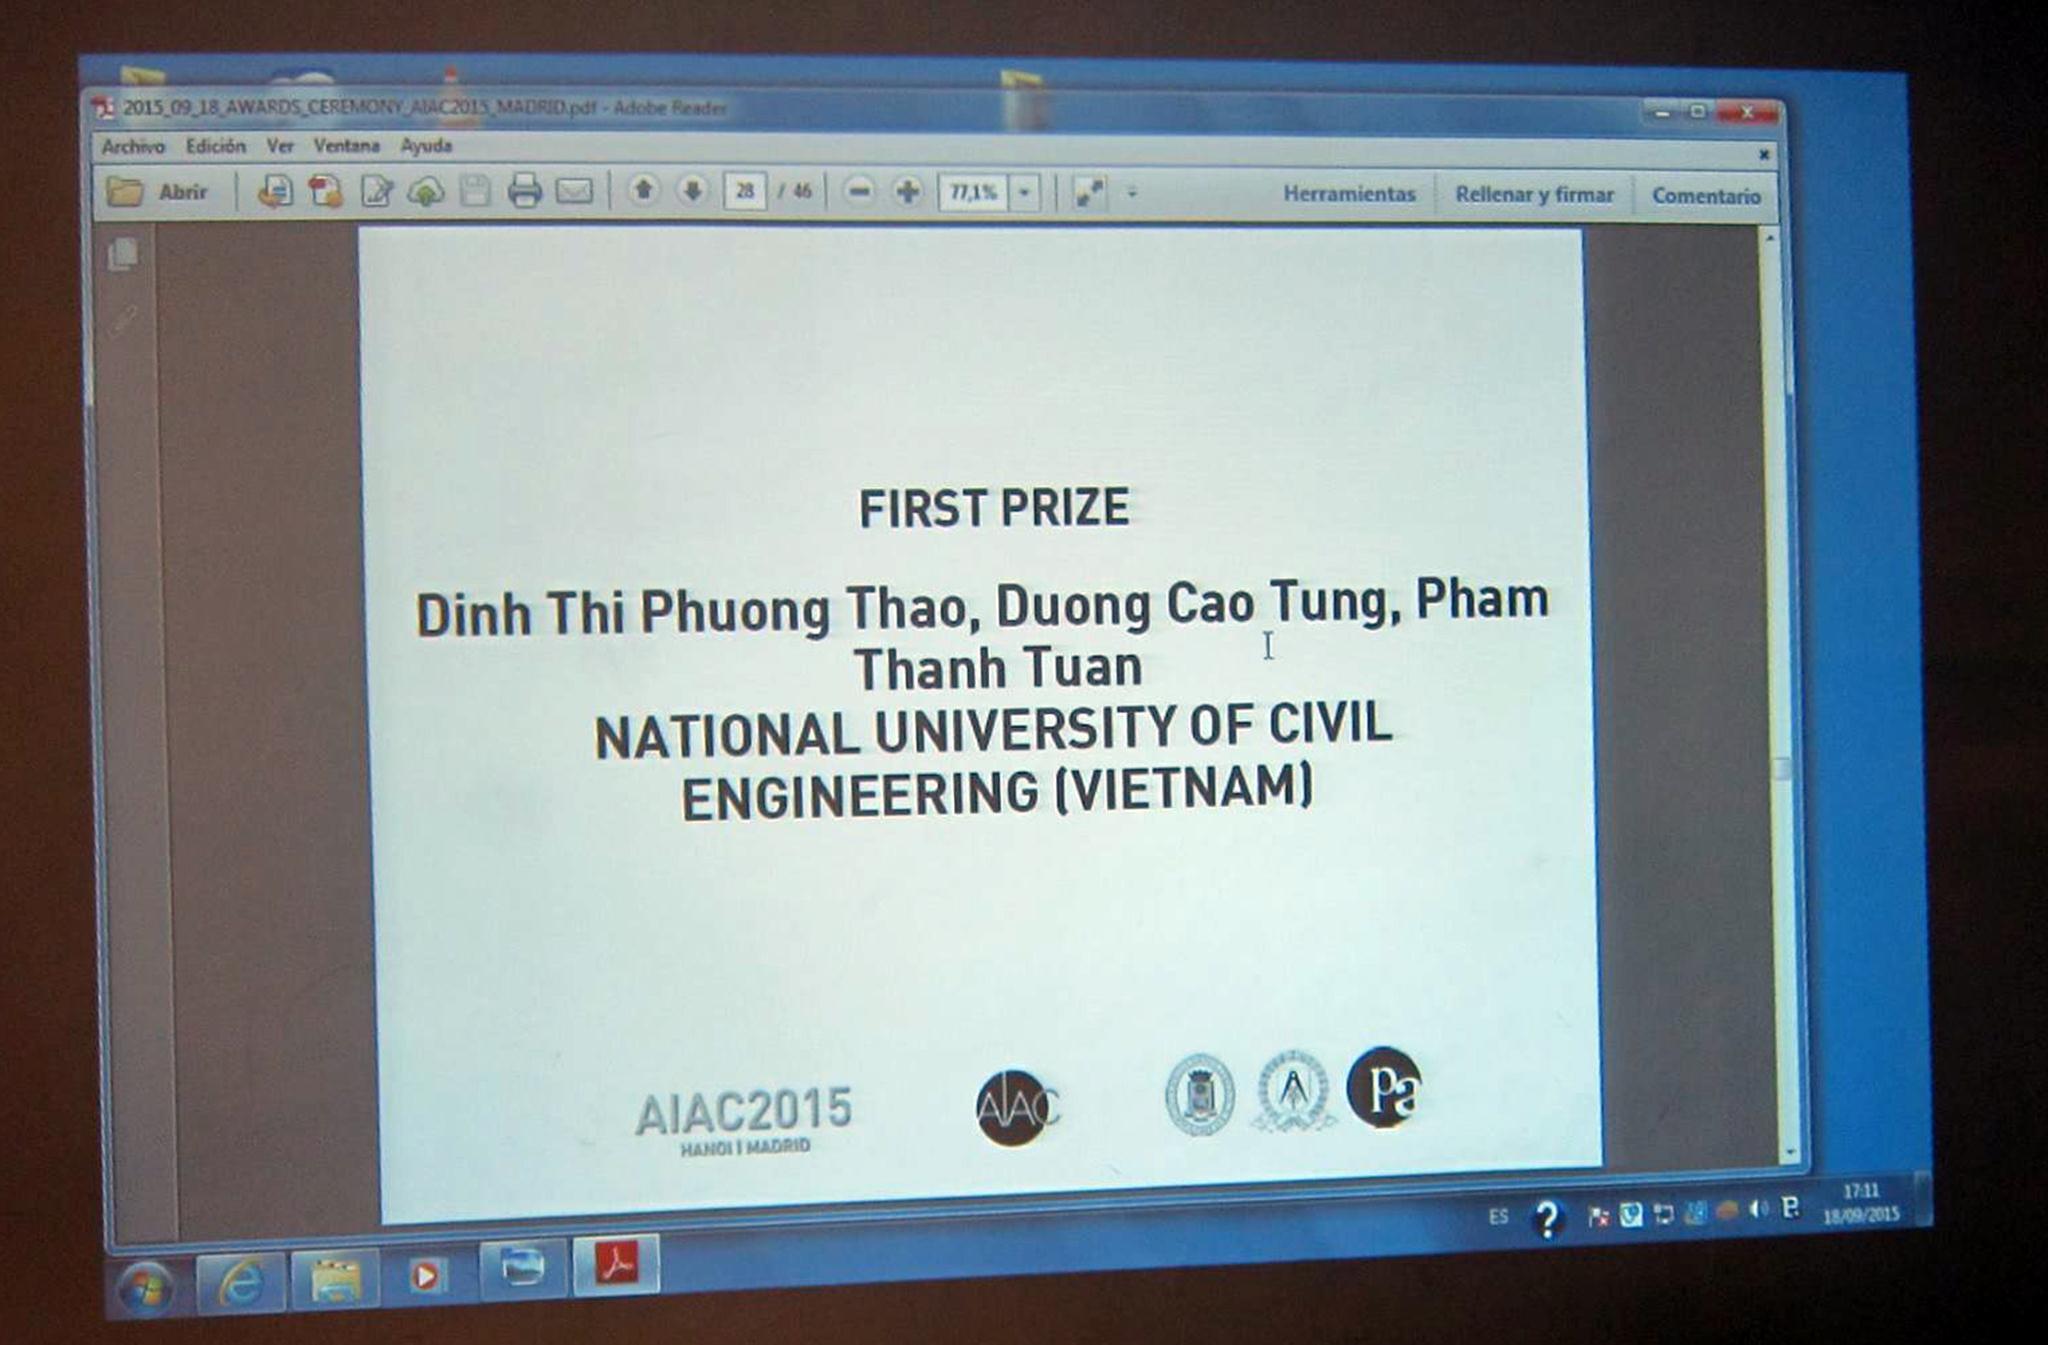 Màn hình công bố giải Nhất của AIAC 2015 (Ảnh: TS. KTS. Nguyễn Việt Huy)